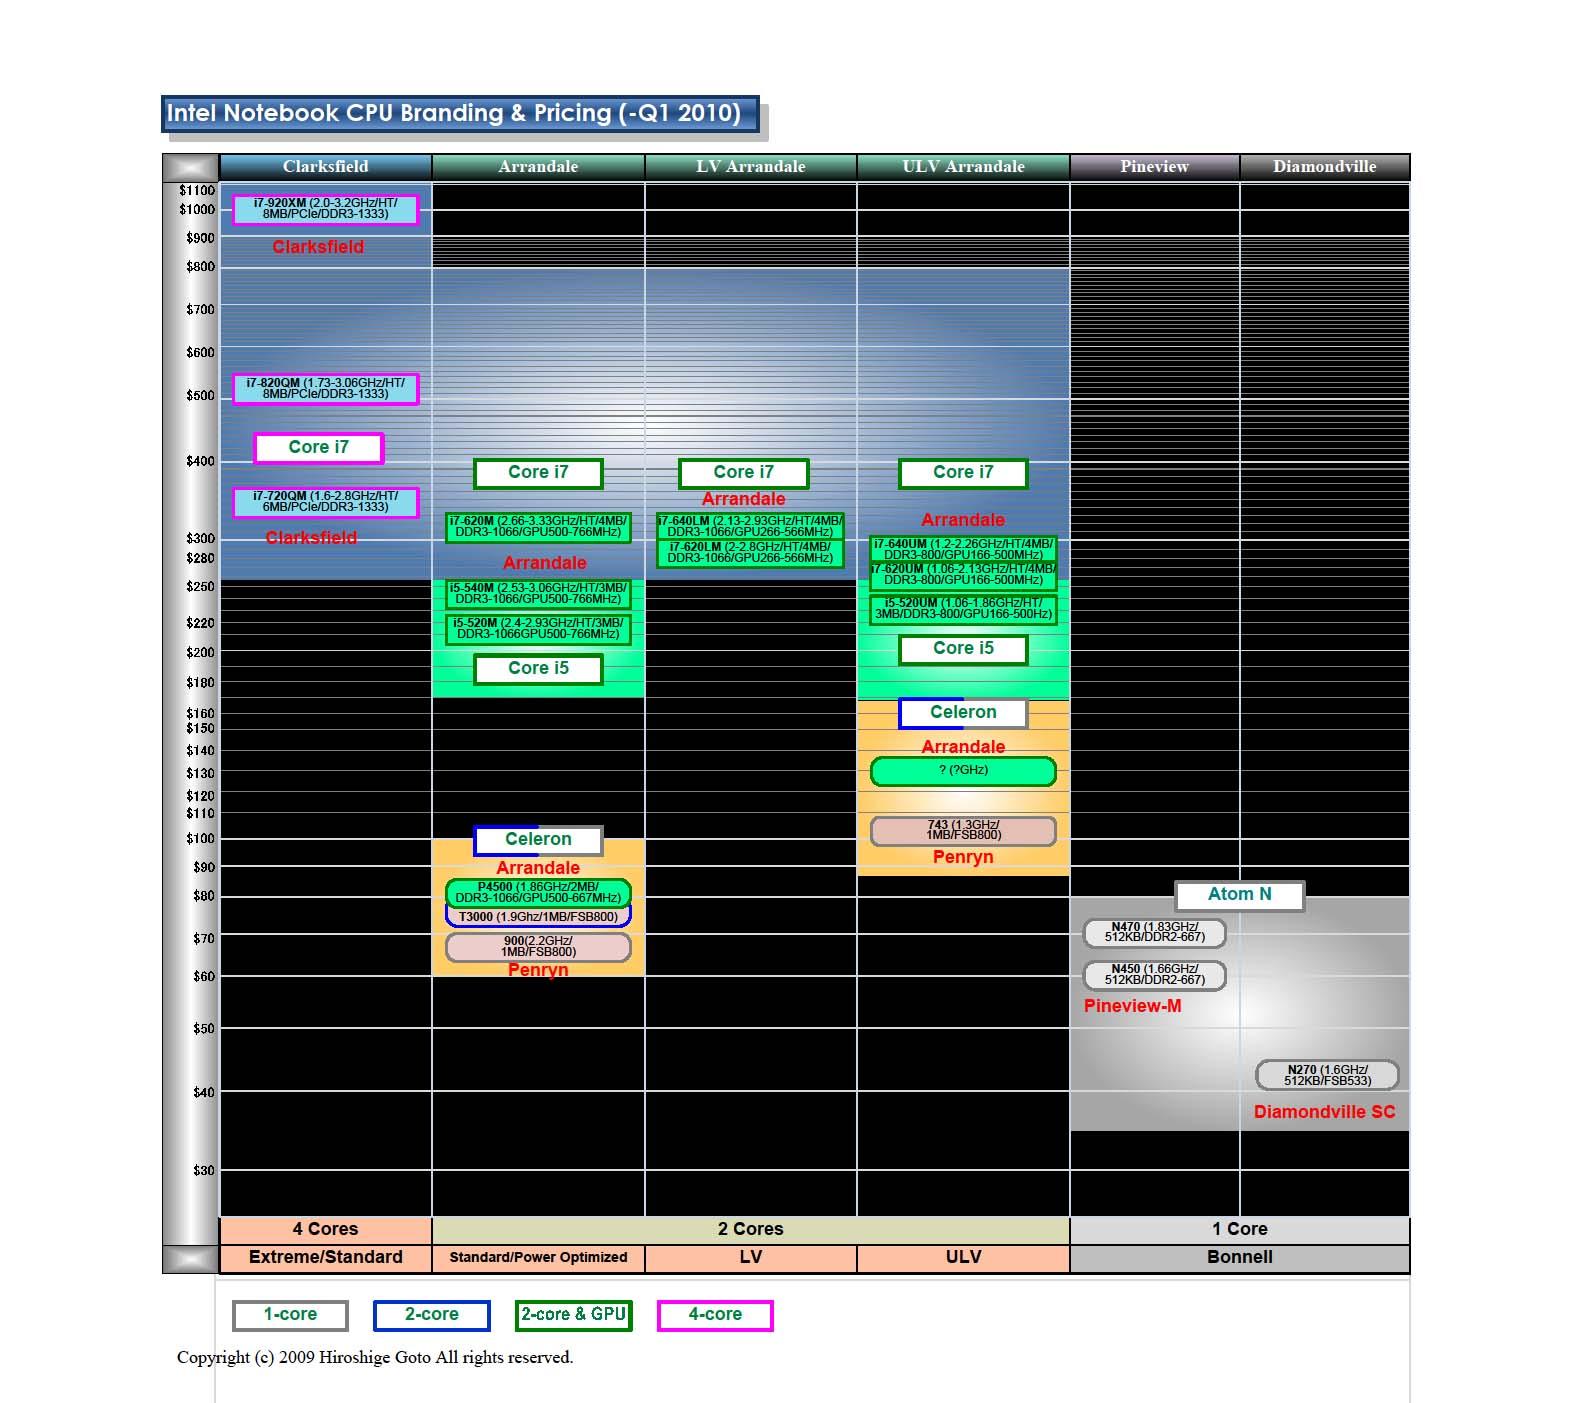 ノートPC向けCore iシリーズの価格階層